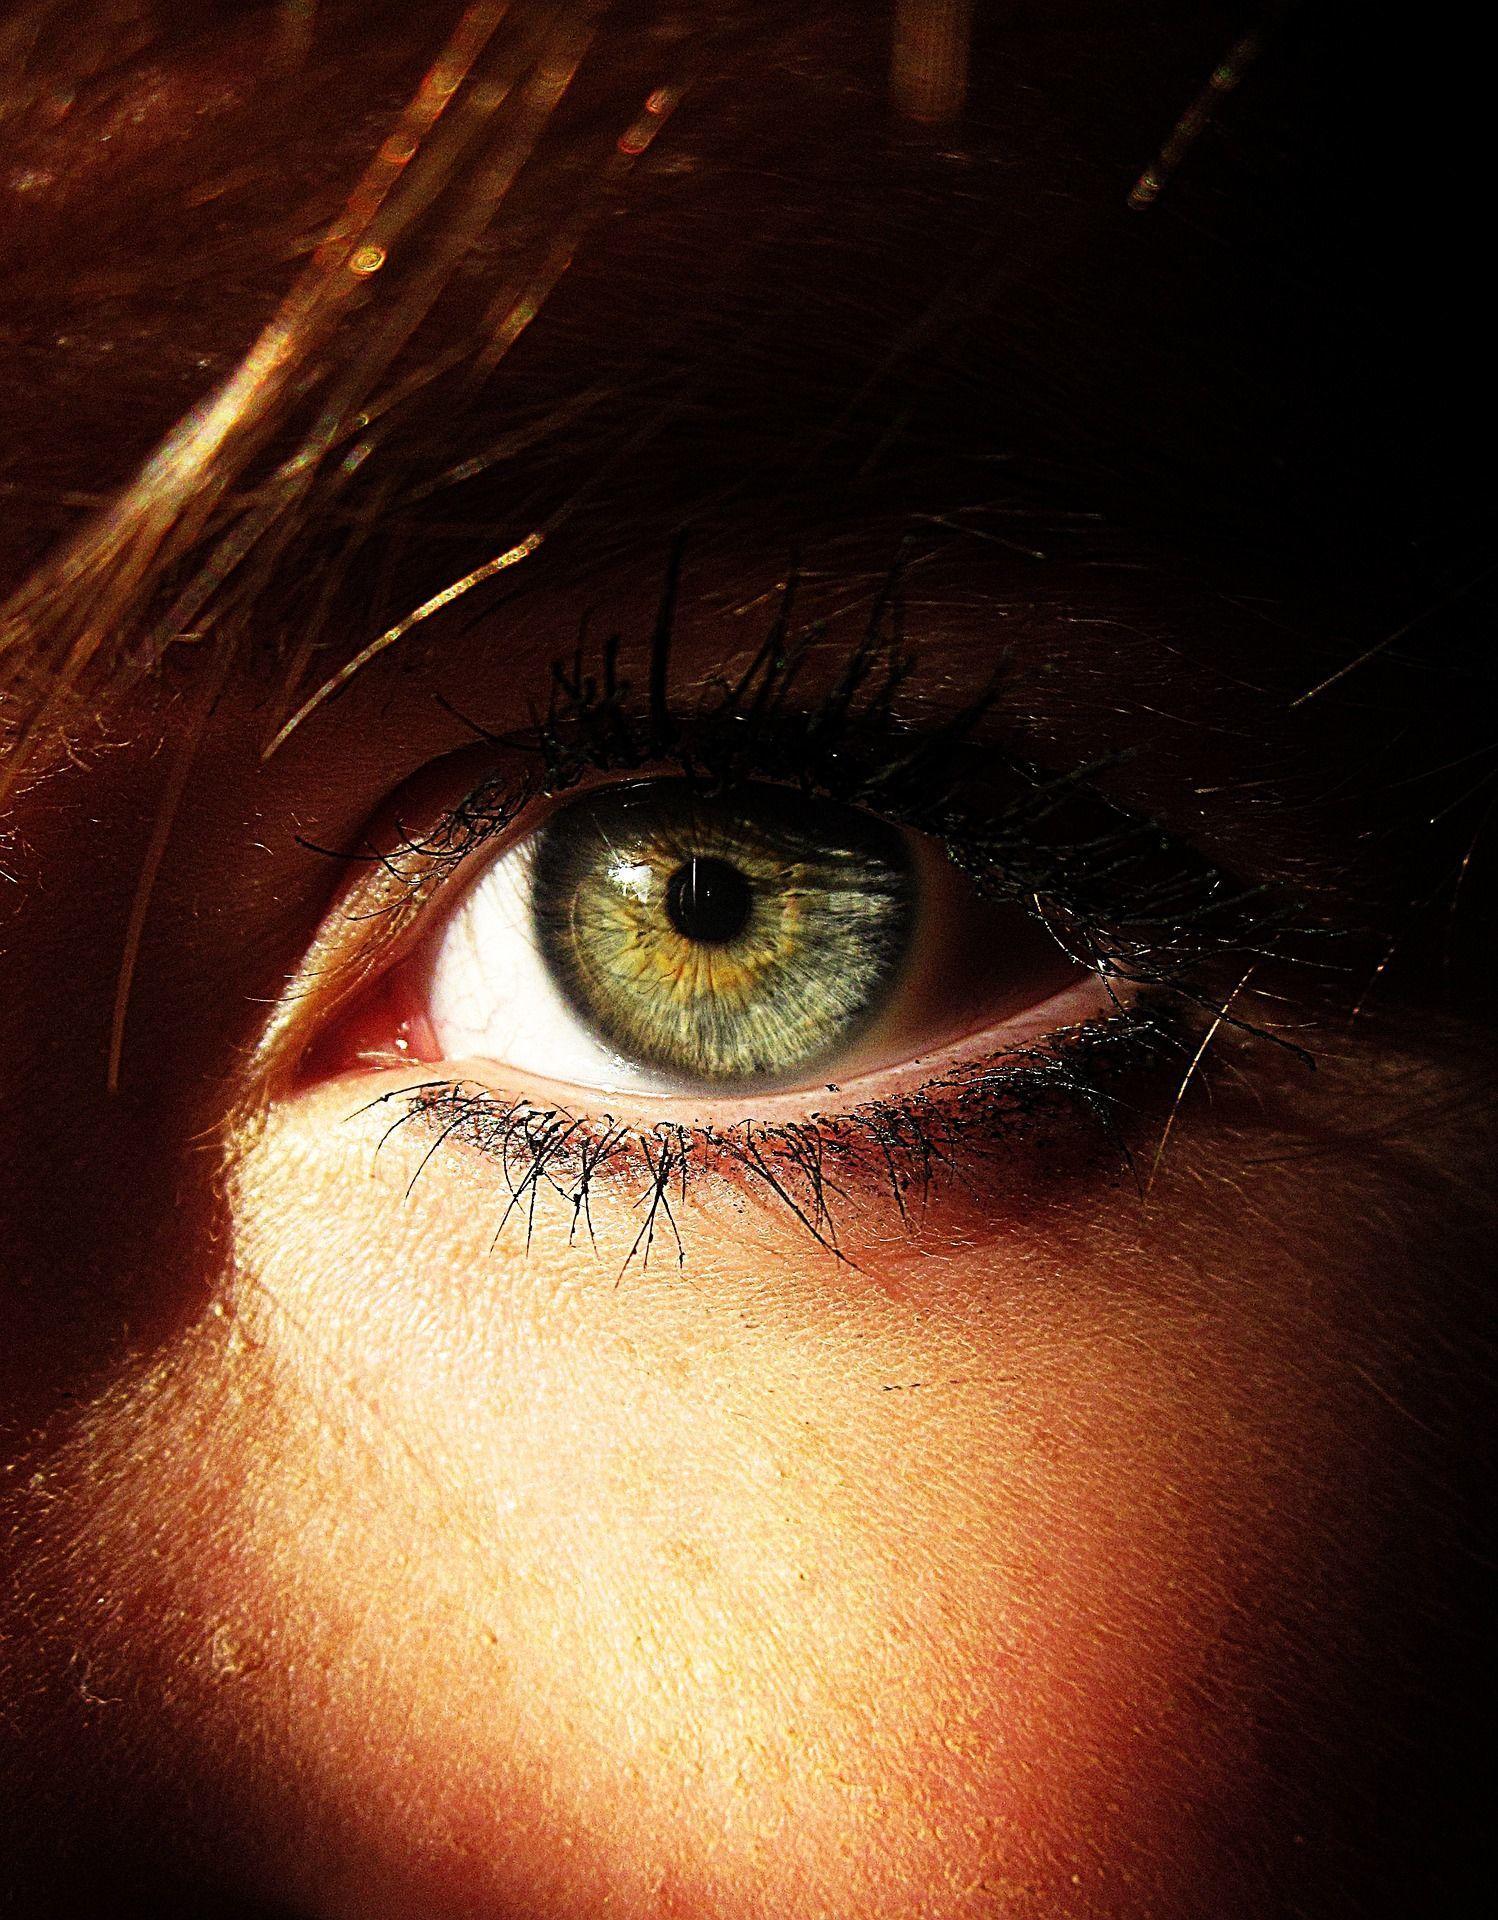 Ki javíthatja a látást - A répa valóban javítja a látást?